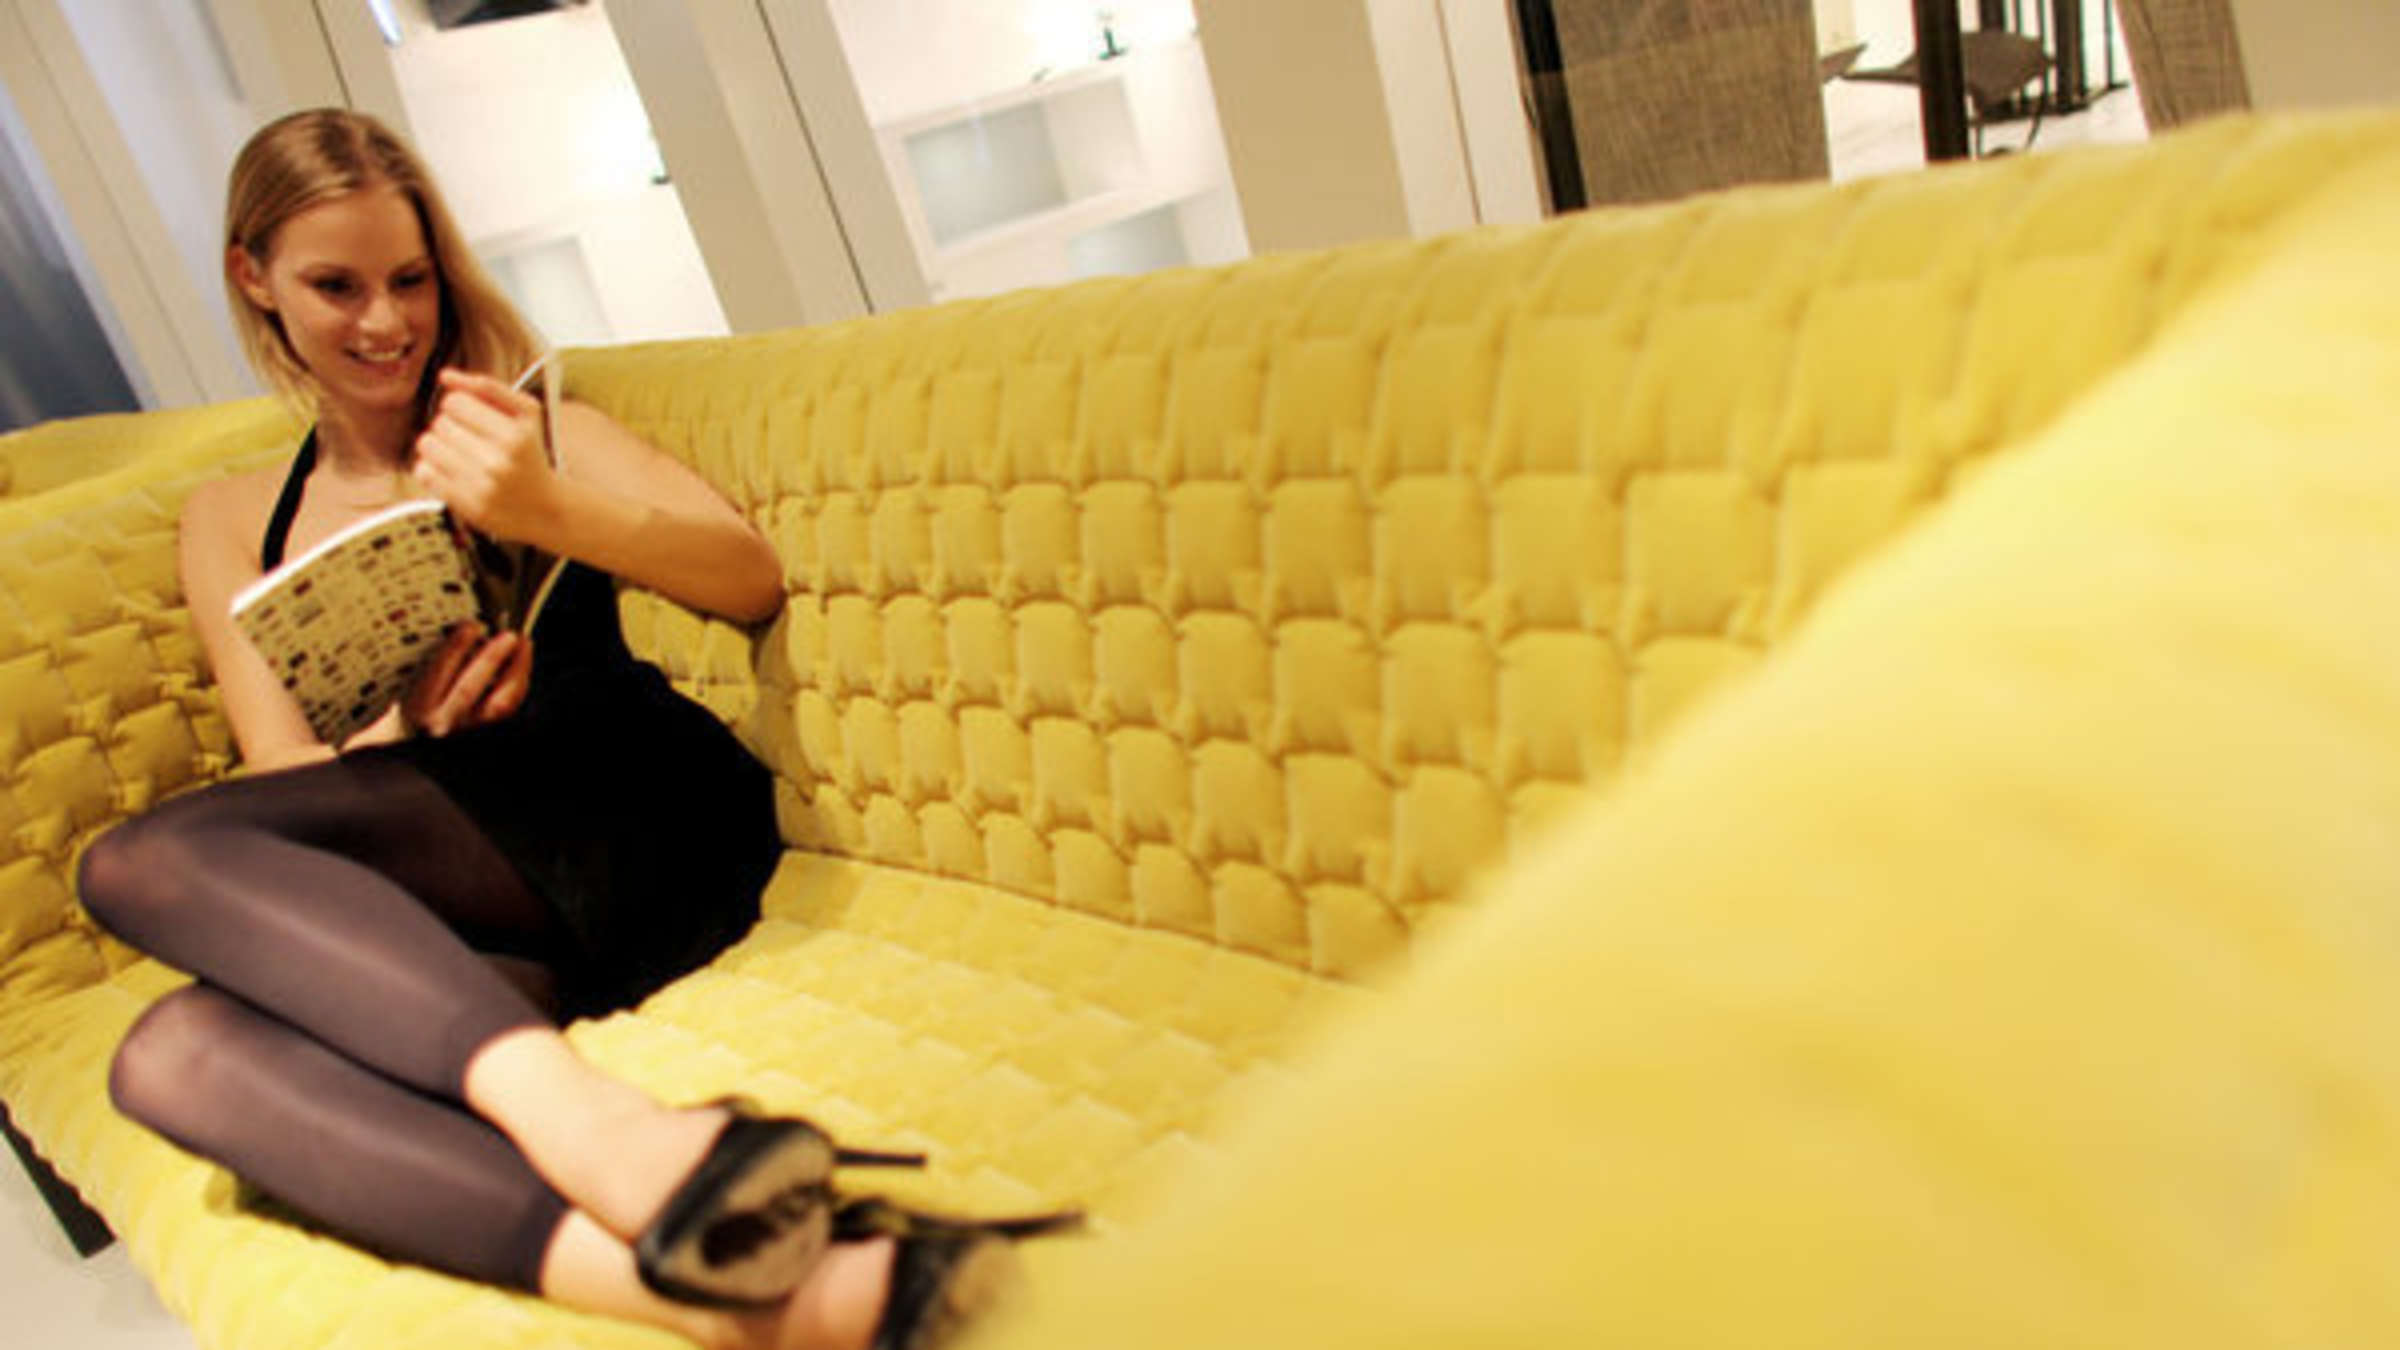 Wohnzimmer Einrichten Dieser Ort Sollte Fur Ihr Sofa Tabu Sein Wohnen